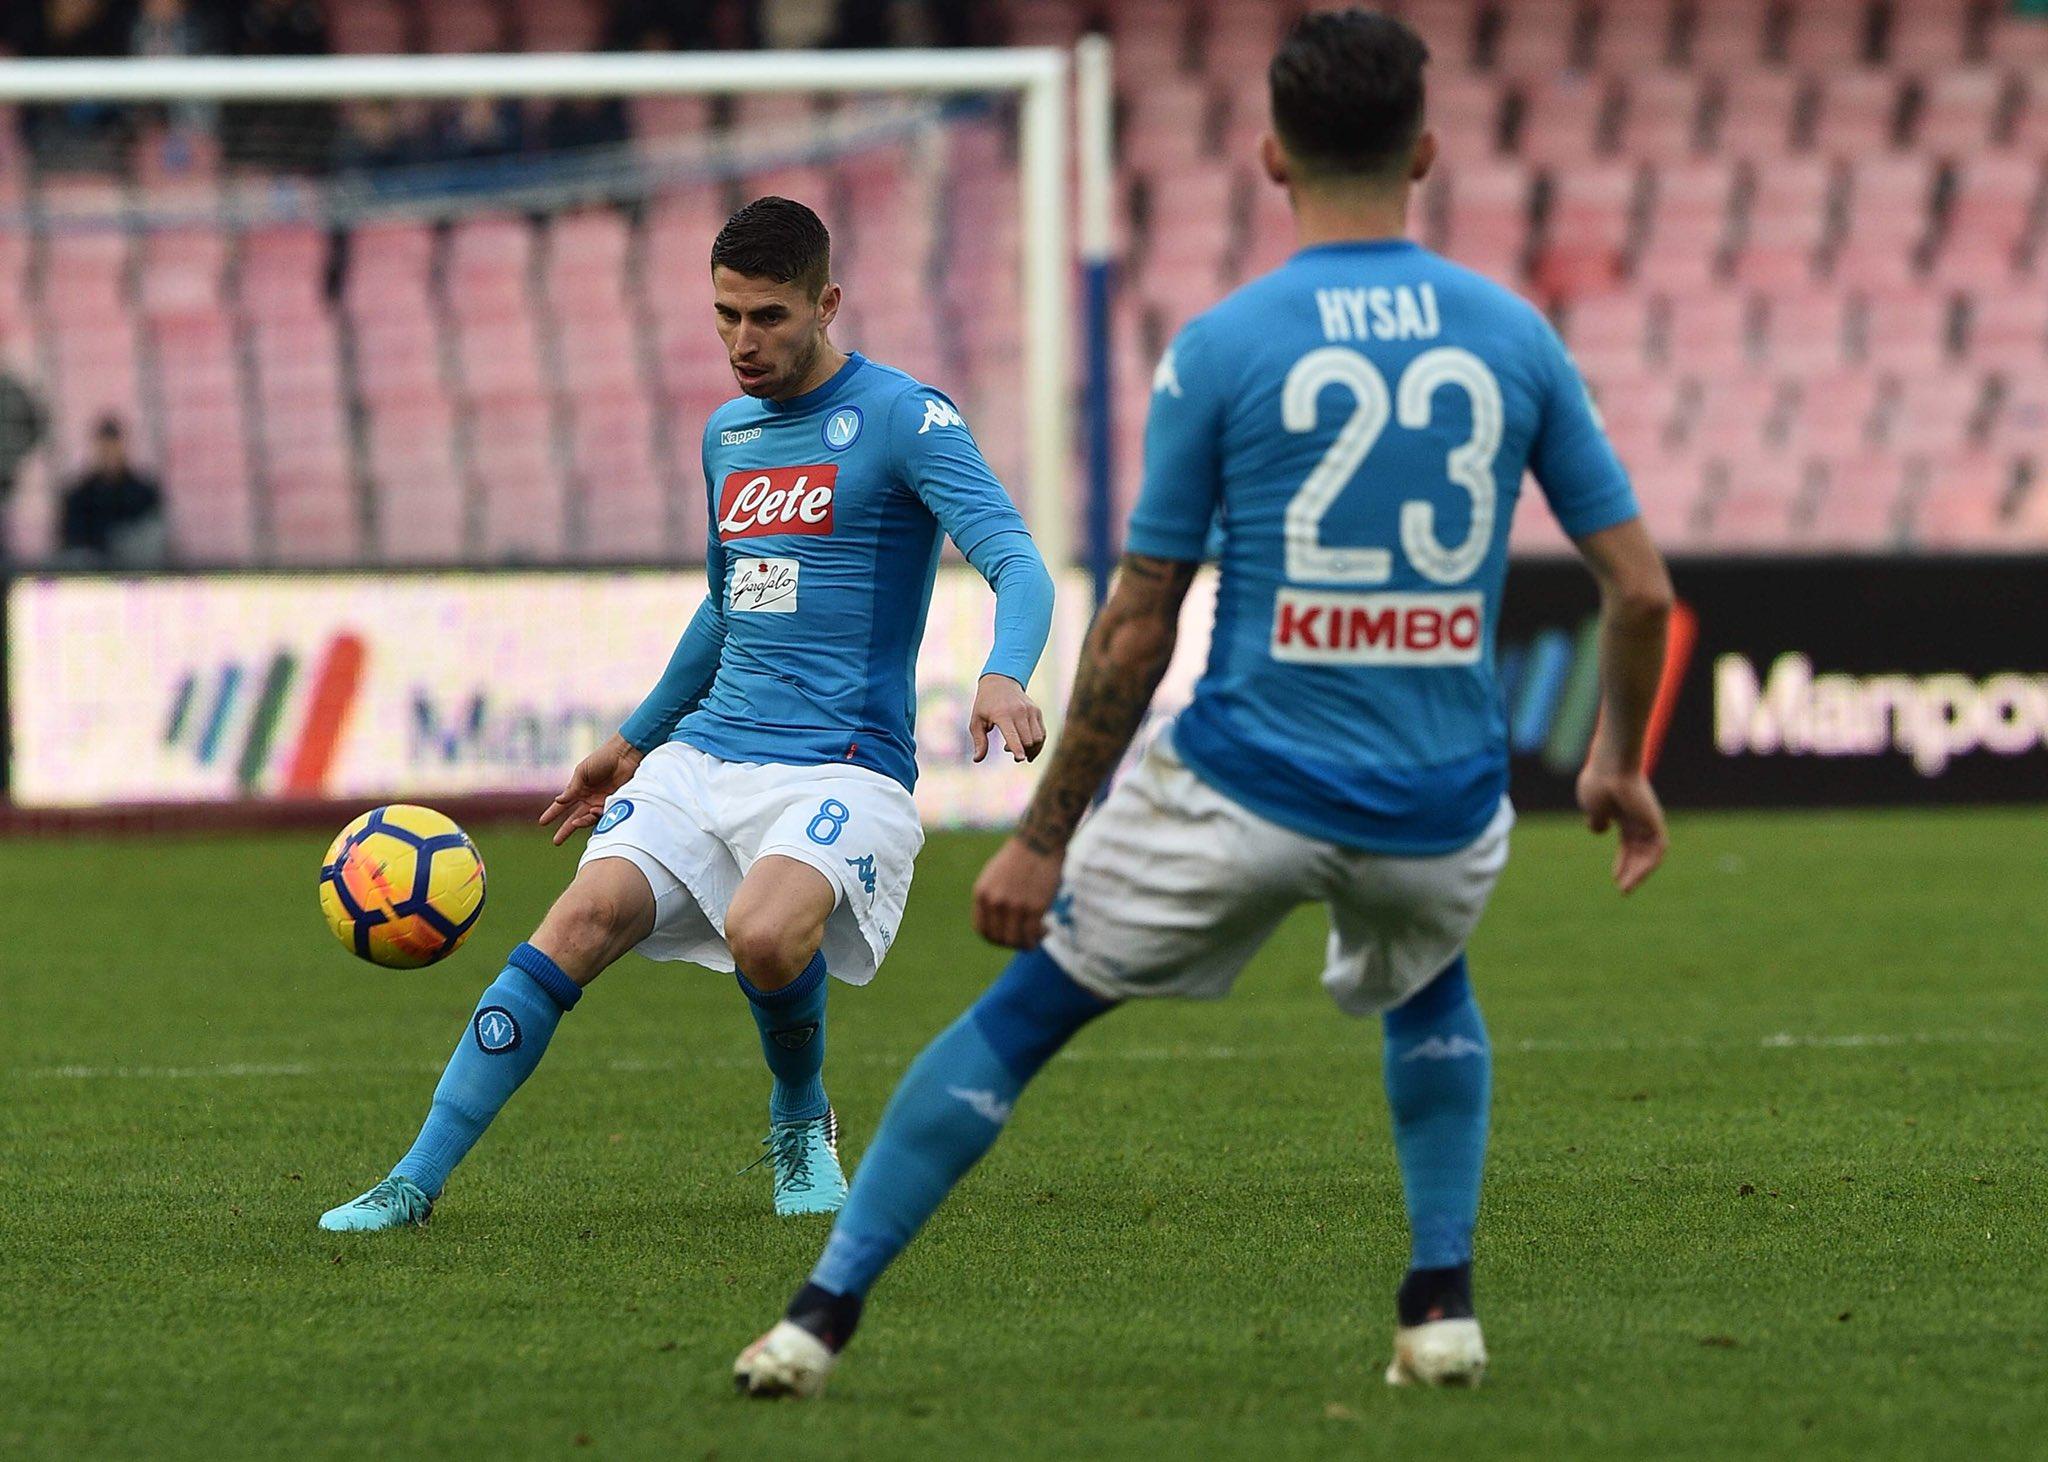 Napoli, sesta rimonta riuscita in campionato: solo la Juventus non è stata ribaltata